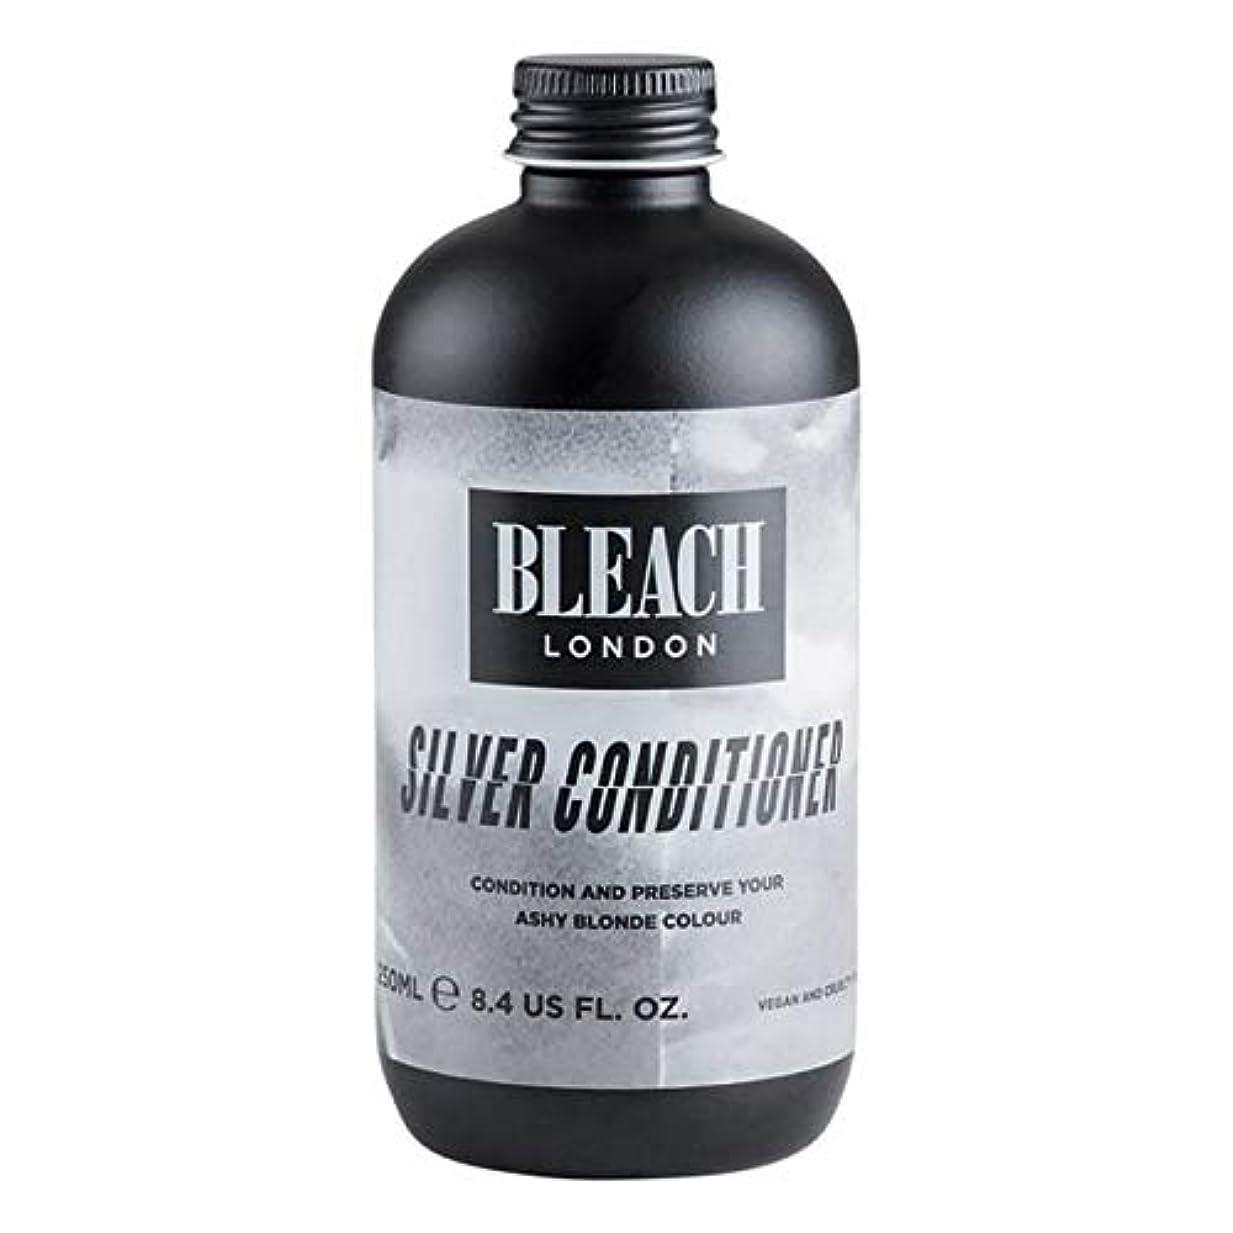 断線揮発性もちろん[Bleach London ] 漂白ロンドン銀コンディショナー250Ml - Bleach London Silver Conditioner 250ml [並行輸入品]